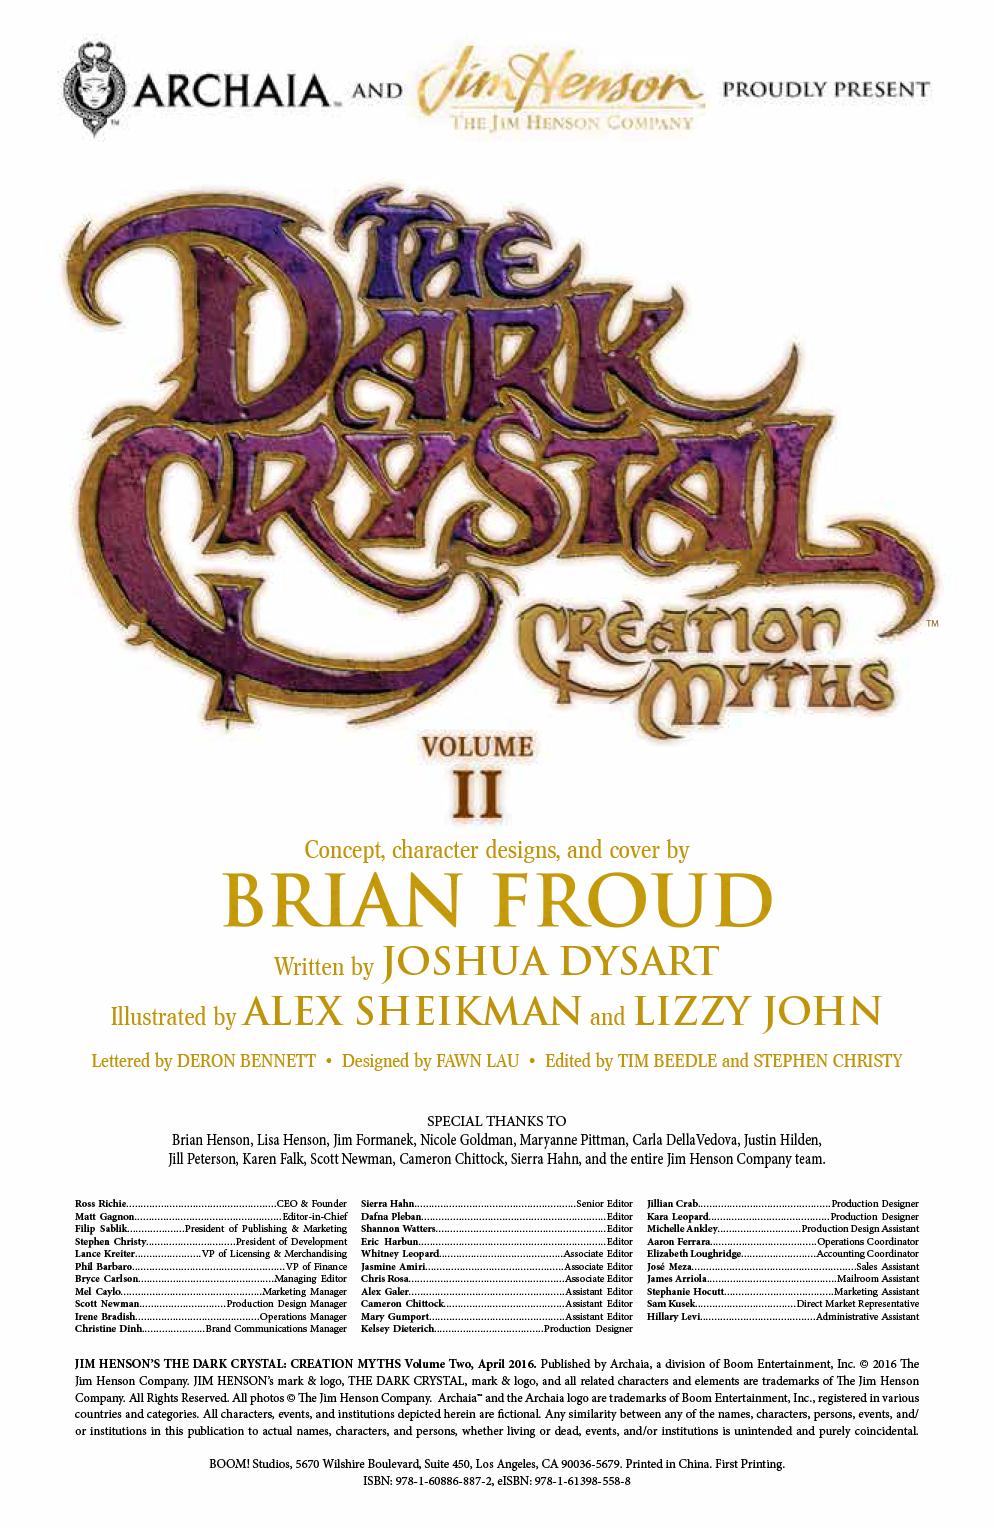 DarkCrystal_CreationMyths_v2_TP_PRESS-5